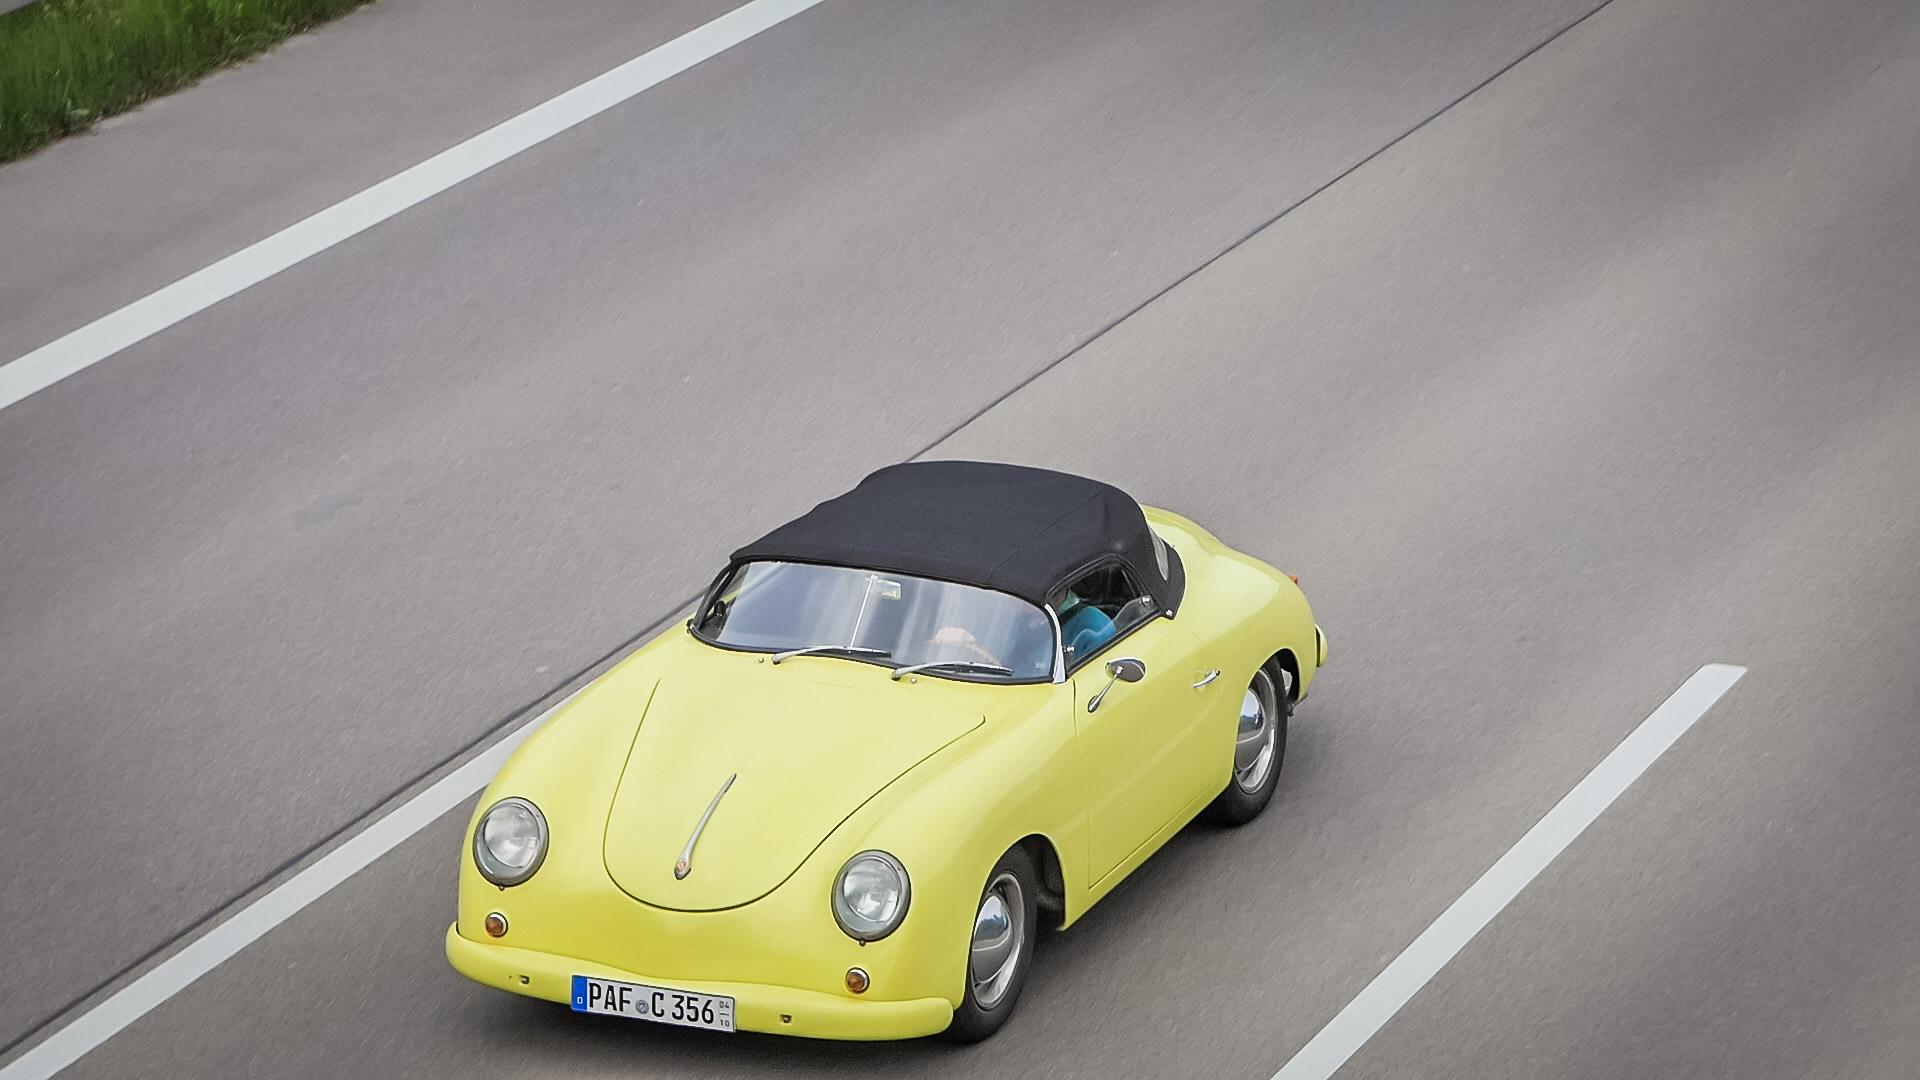 Porsche 356 Speedster - PAF-C-356